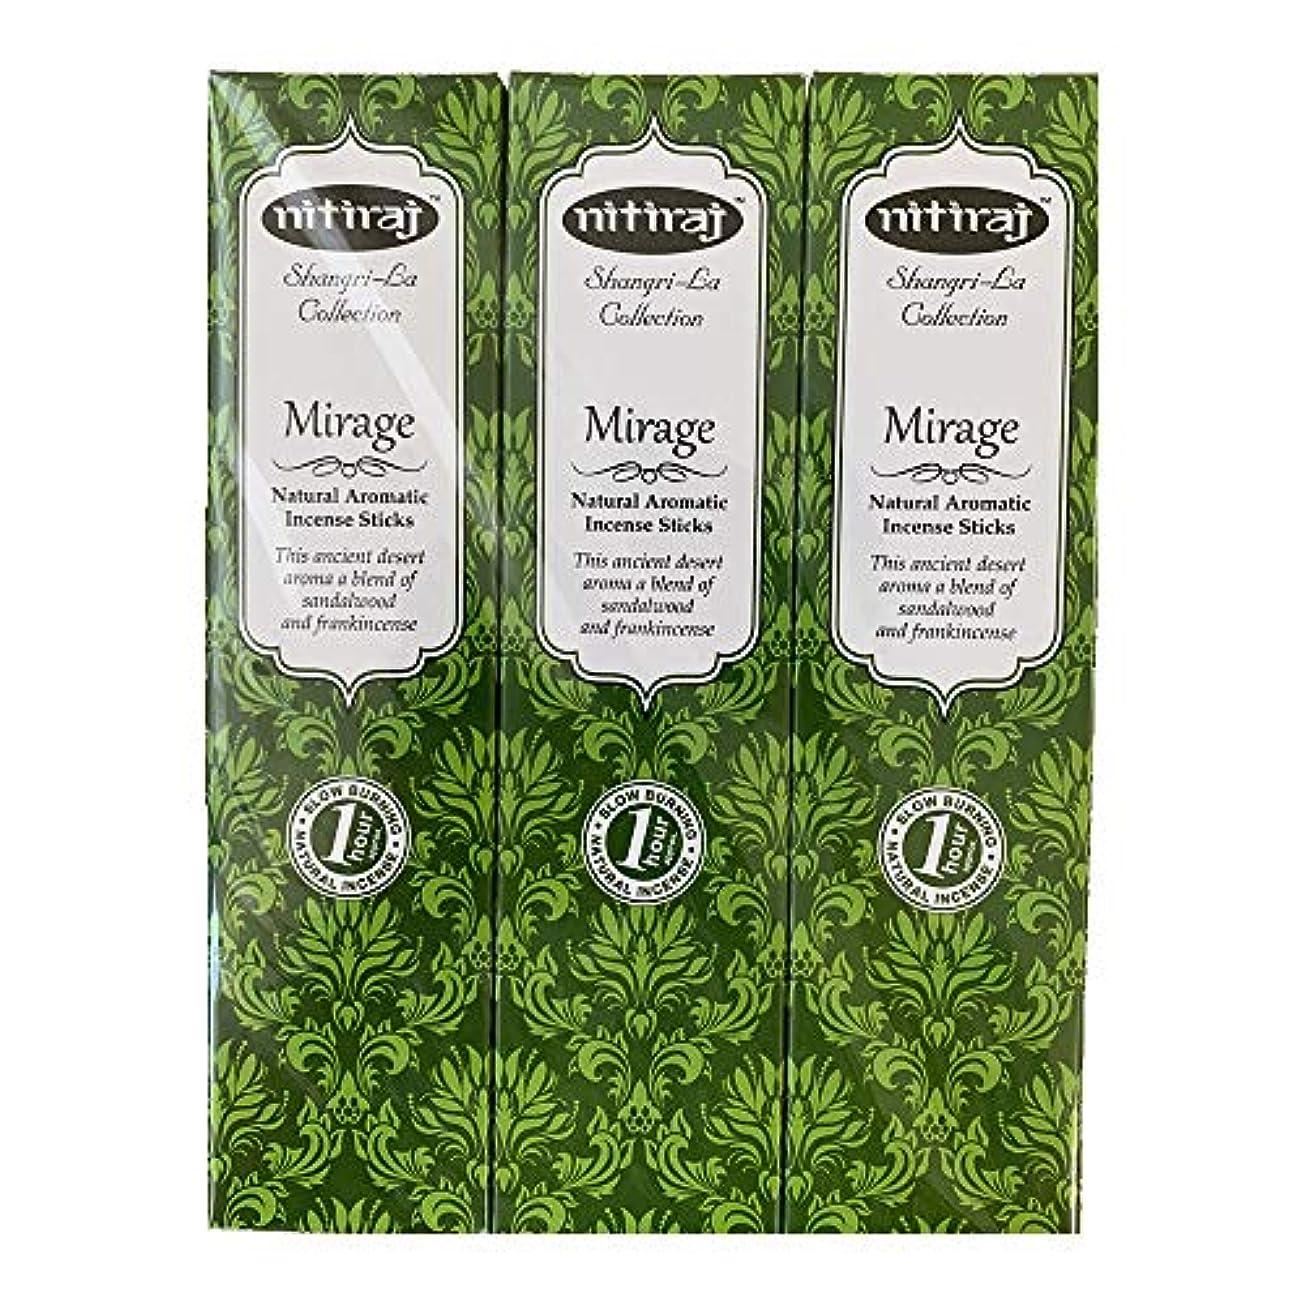 寄り添う性差別残高お香 アロマインセンス Nitiraj(ニティラジ)Mirage(蜃気楼) 3箱セット(30本/1箱10本入り)100%天然素材